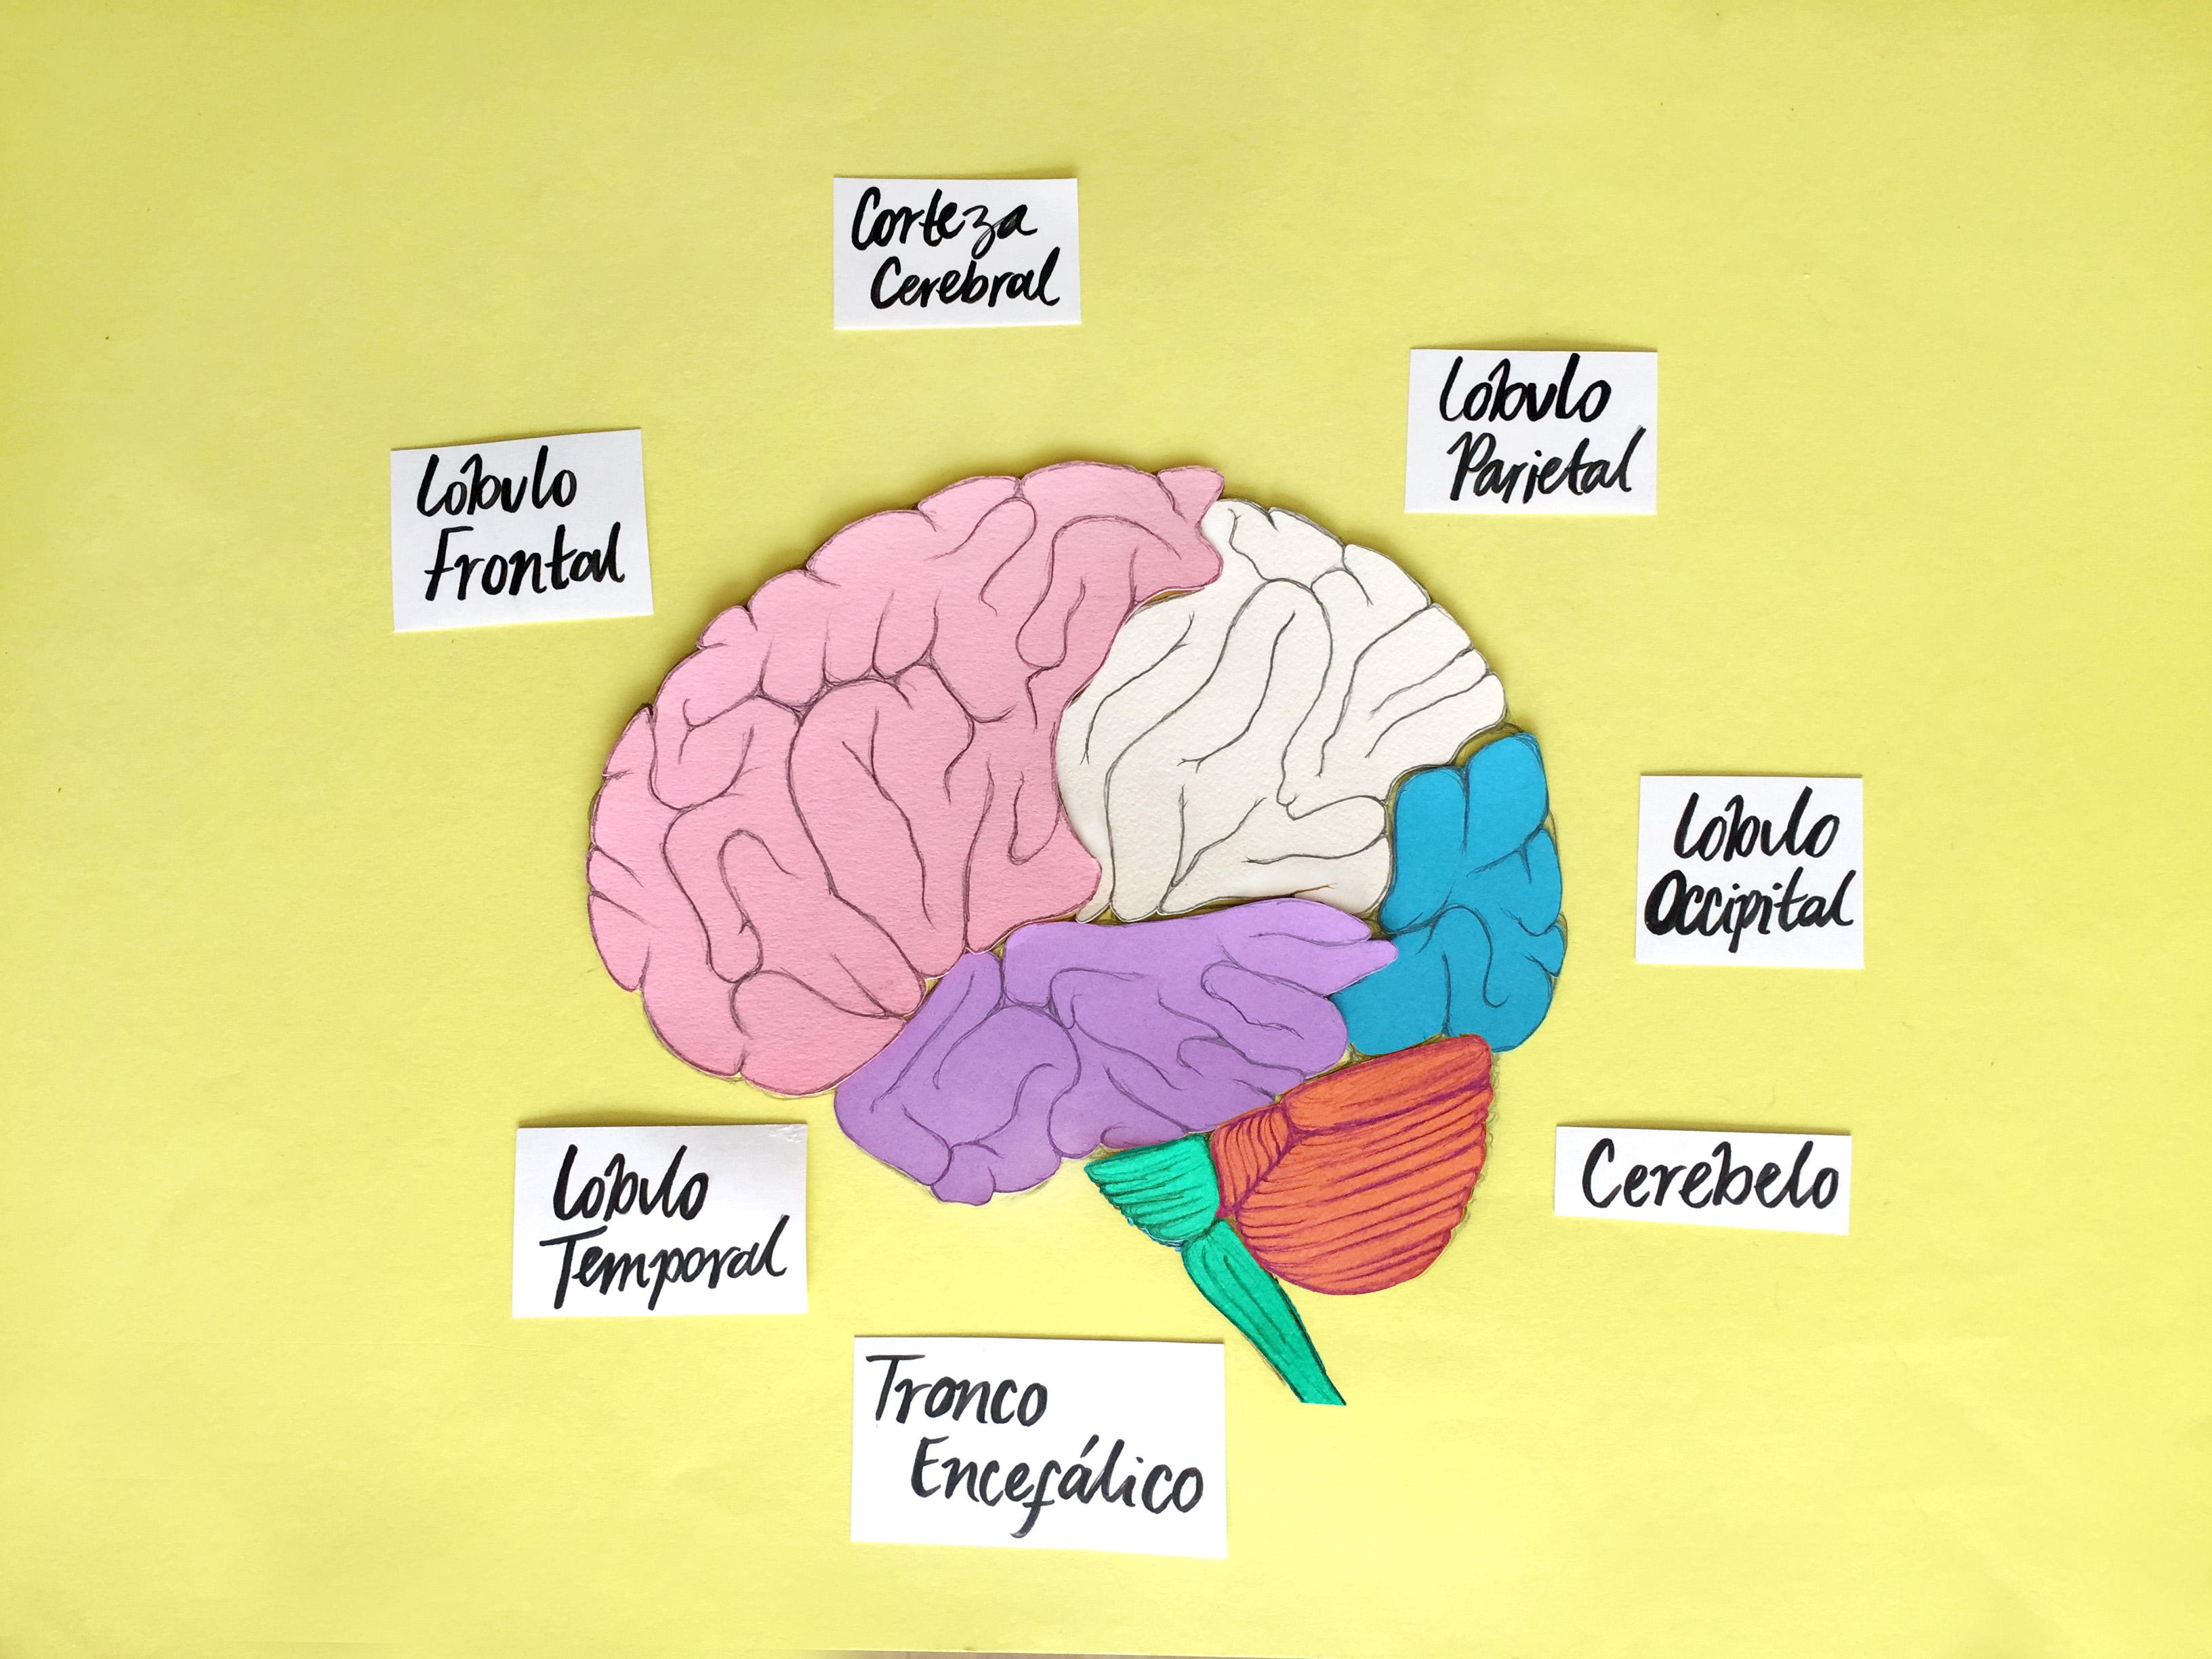 ¿Cómo funciona el cerebro, el órgano más importante y complejo?